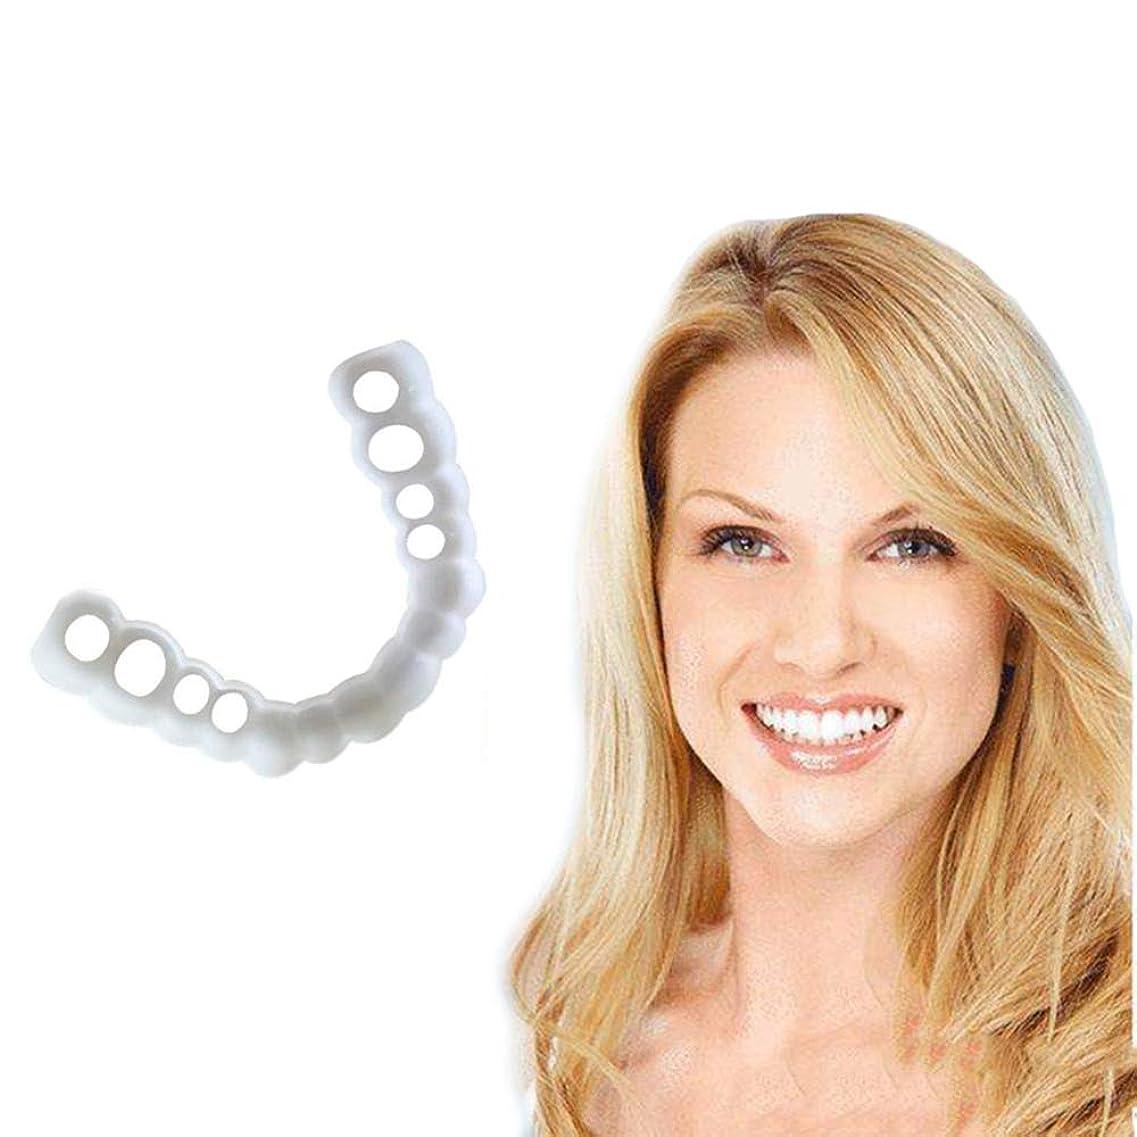 権限を与える羽割れ目2個上顎義歯歯用化粧品一時的な笑顔コンフォートフィット化粧品義歯(エネルギークラスA),16Pcs